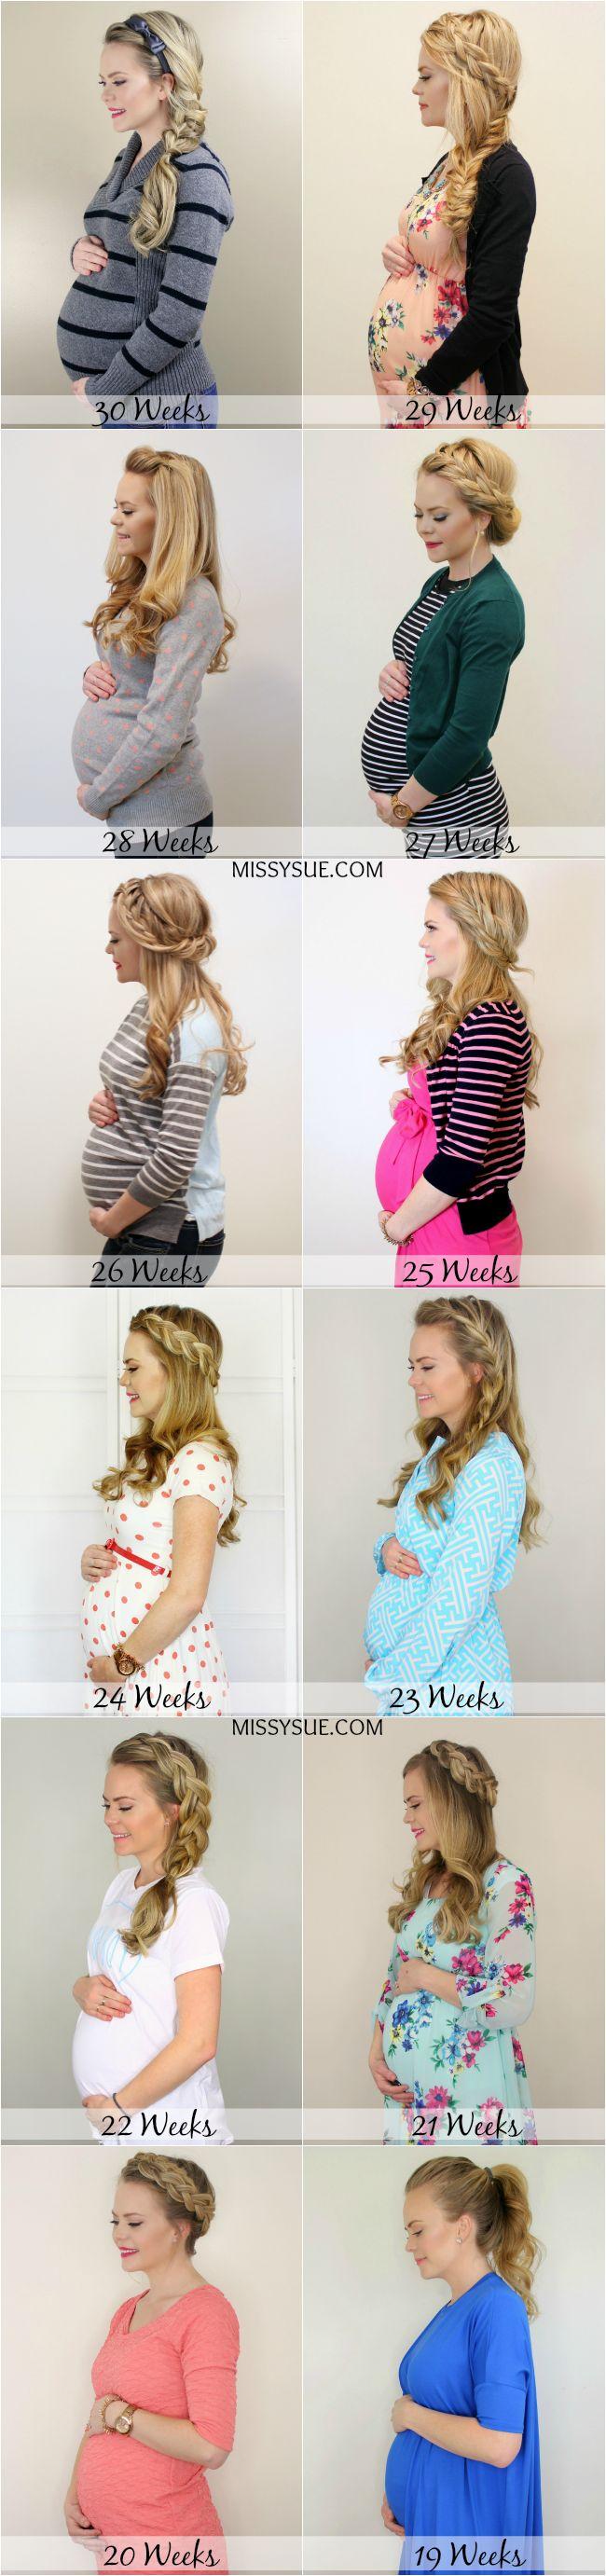 30 Weeks Pregnancy Update